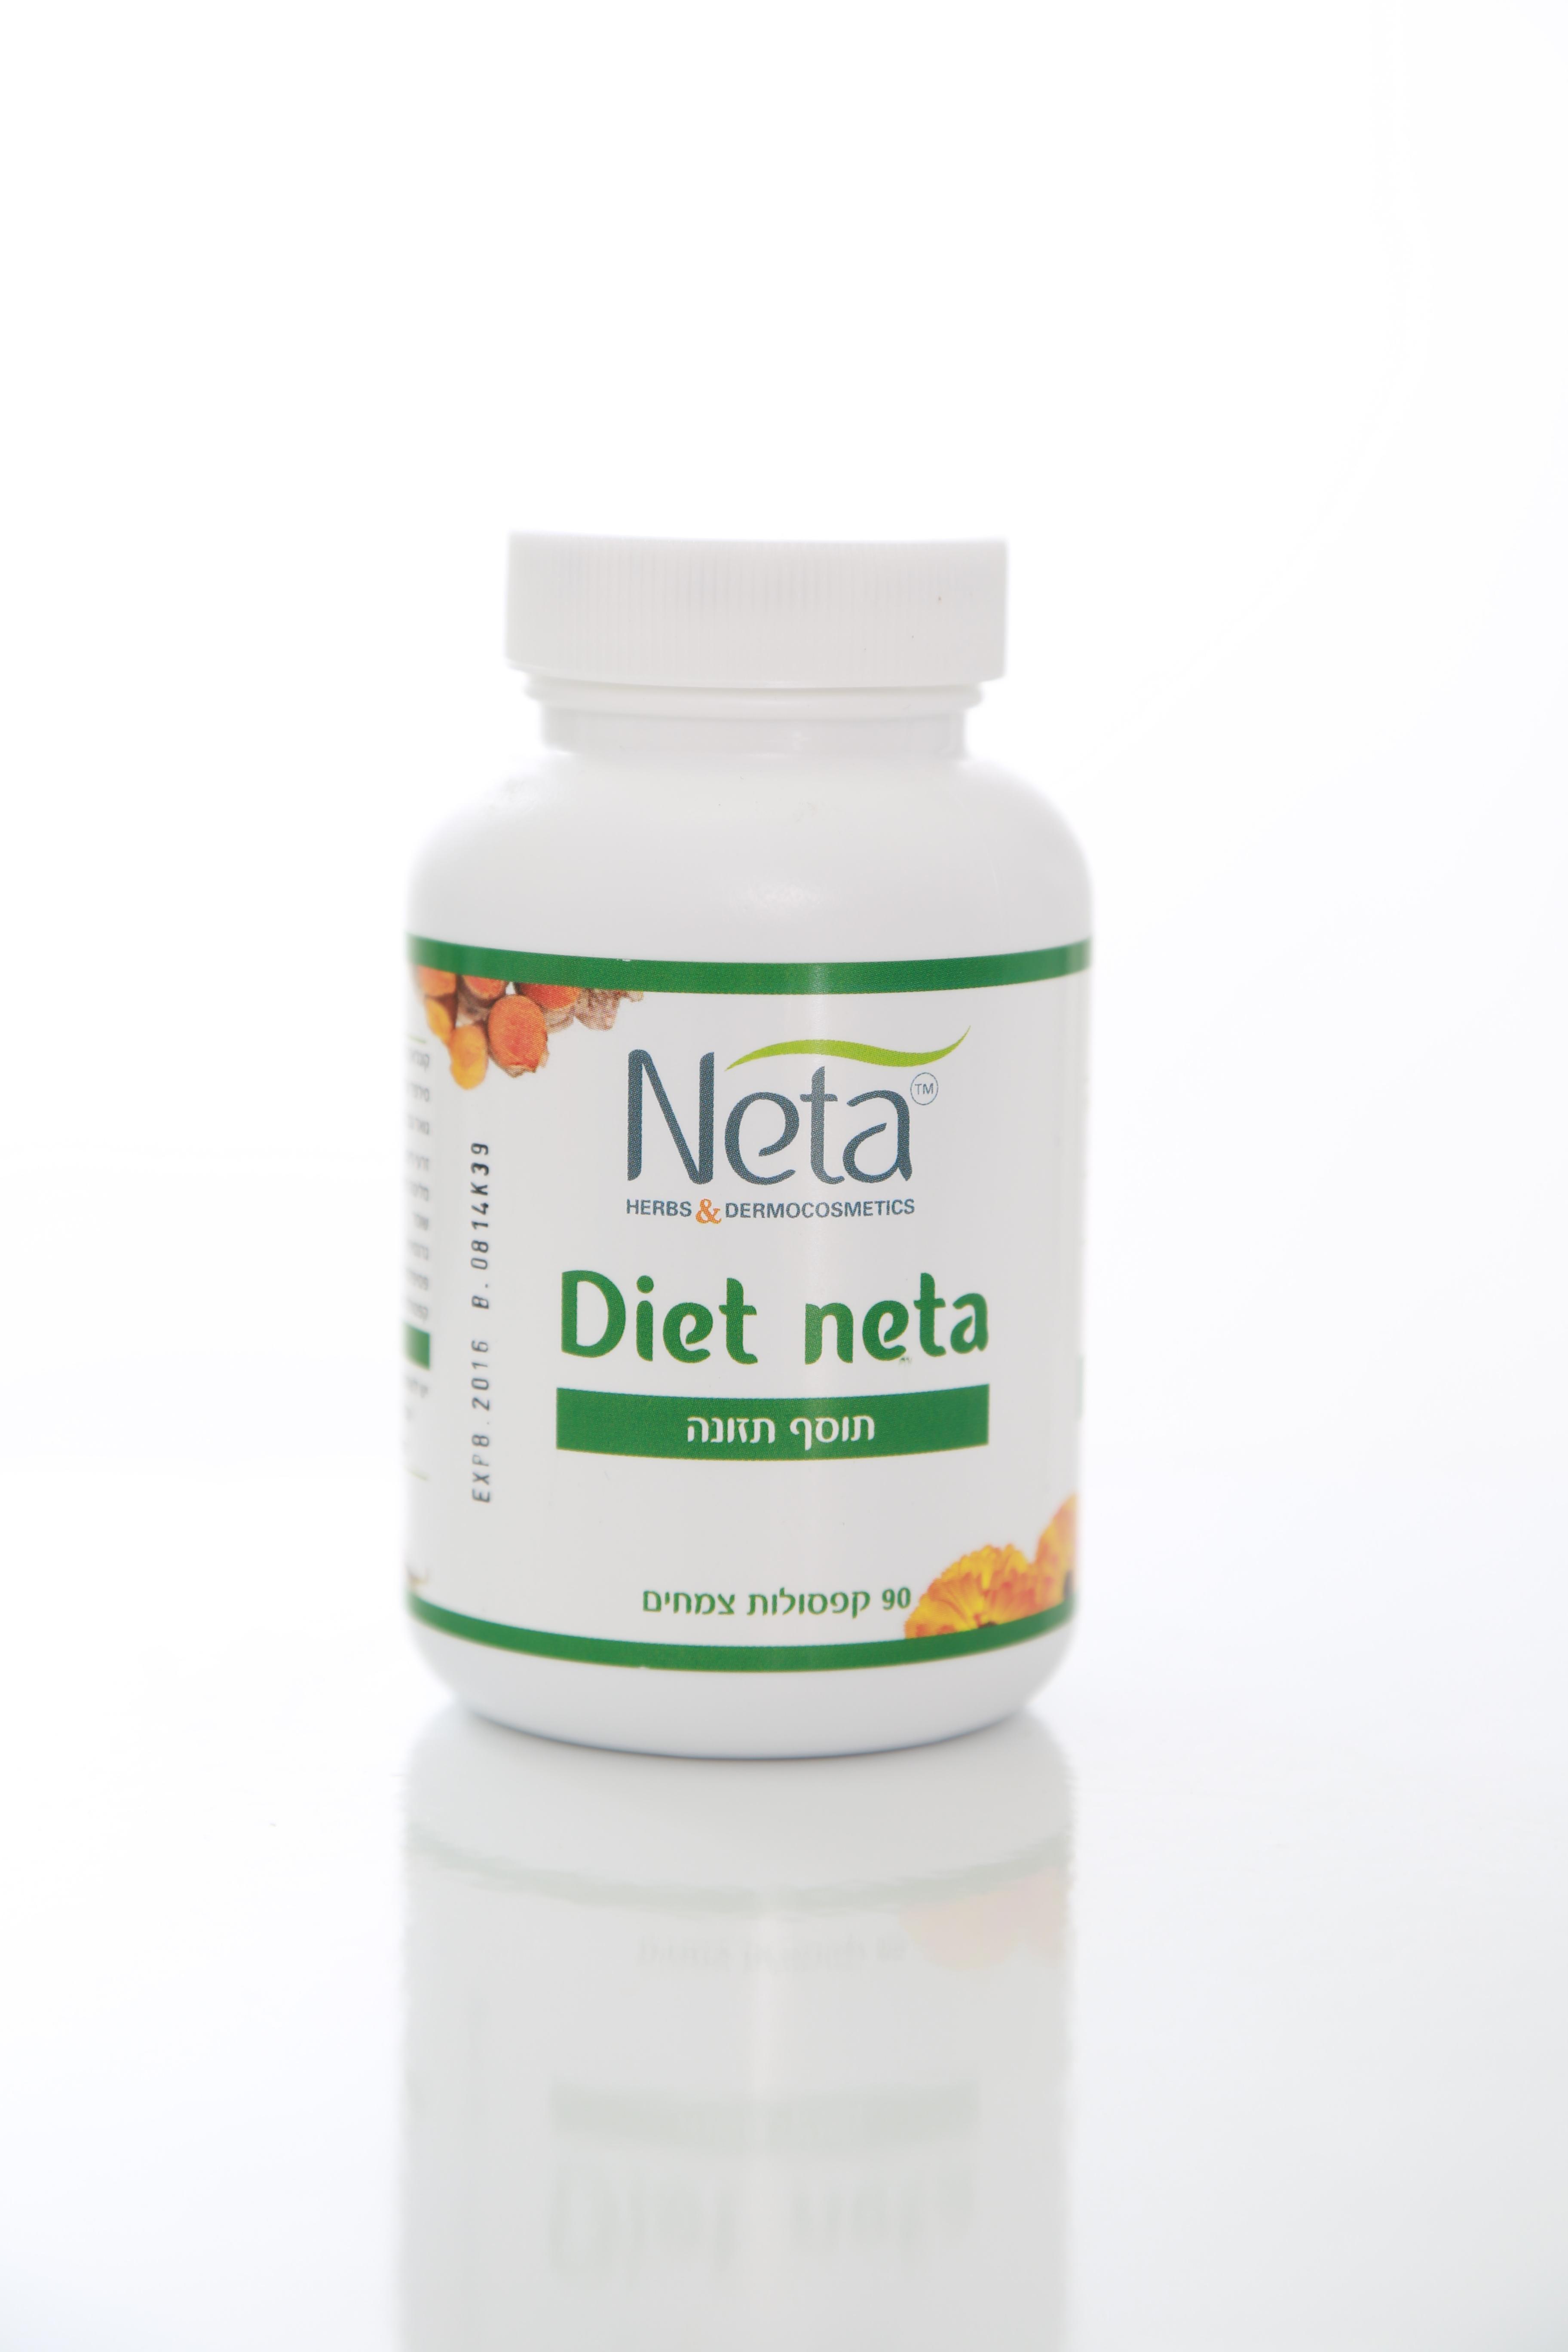 Natural Dieta Capsules Diet Neta Weight Loss